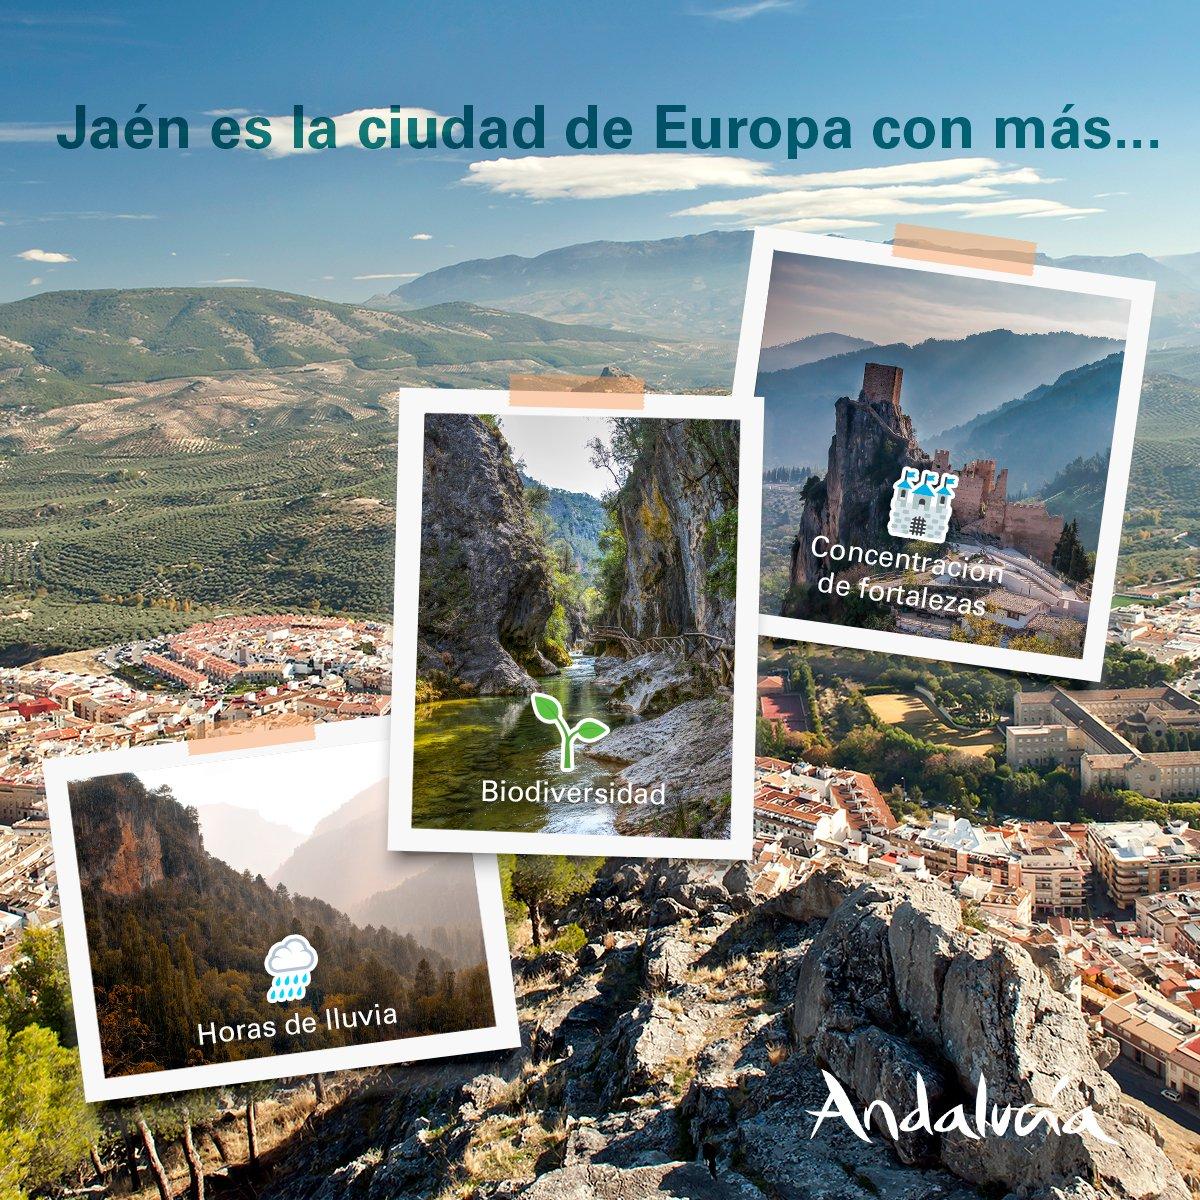 #ViveAndalucia | Jaén es un paraíso pero hay una cosa por la que destaca sobre el resto. ¿Sabes cuál es? 🤔  Responde en un comentario con la respuesta que crees correcta y su emoji correspondiente: 🌧🌱🏰 #Jaen https://t.co/U8Q5qtPCVA